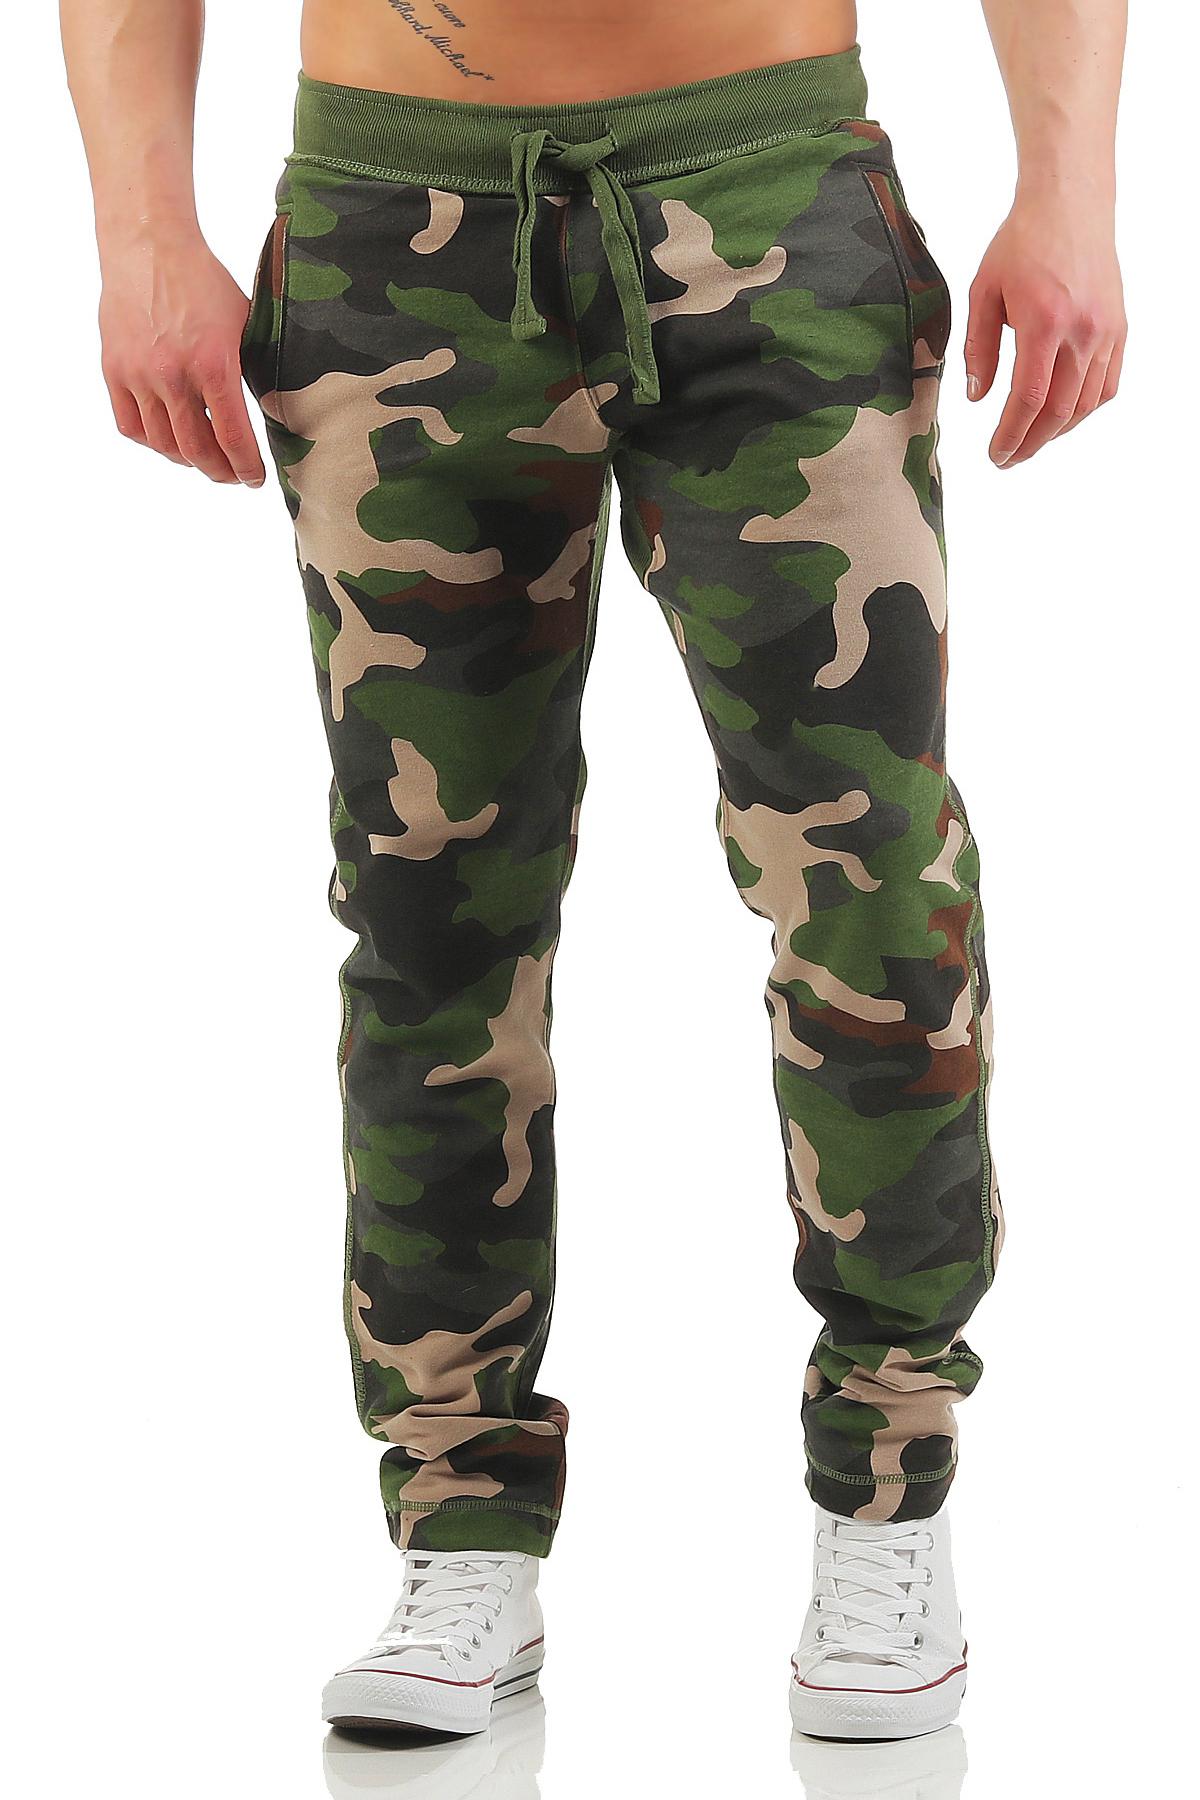 herren camouflage jogginghose college. Black Bedroom Furniture Sets. Home Design Ideas